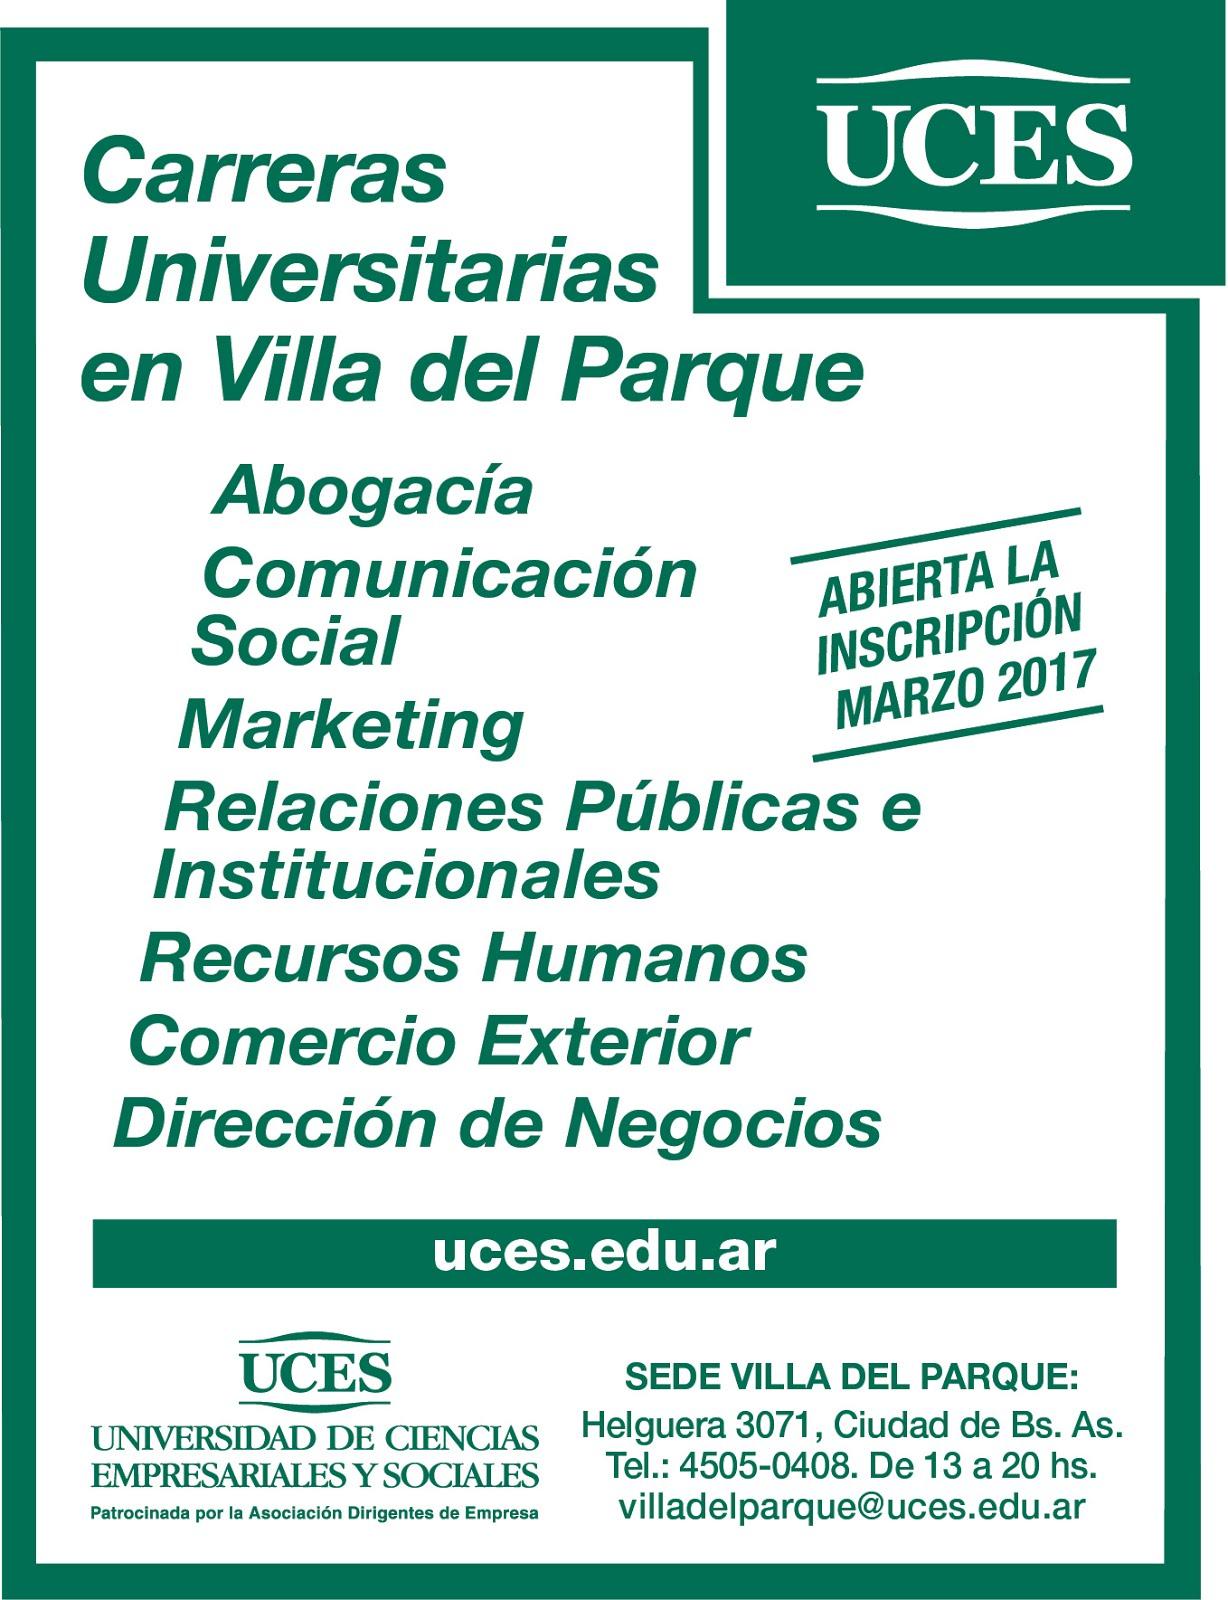 UCES - Sede Villa del Parque